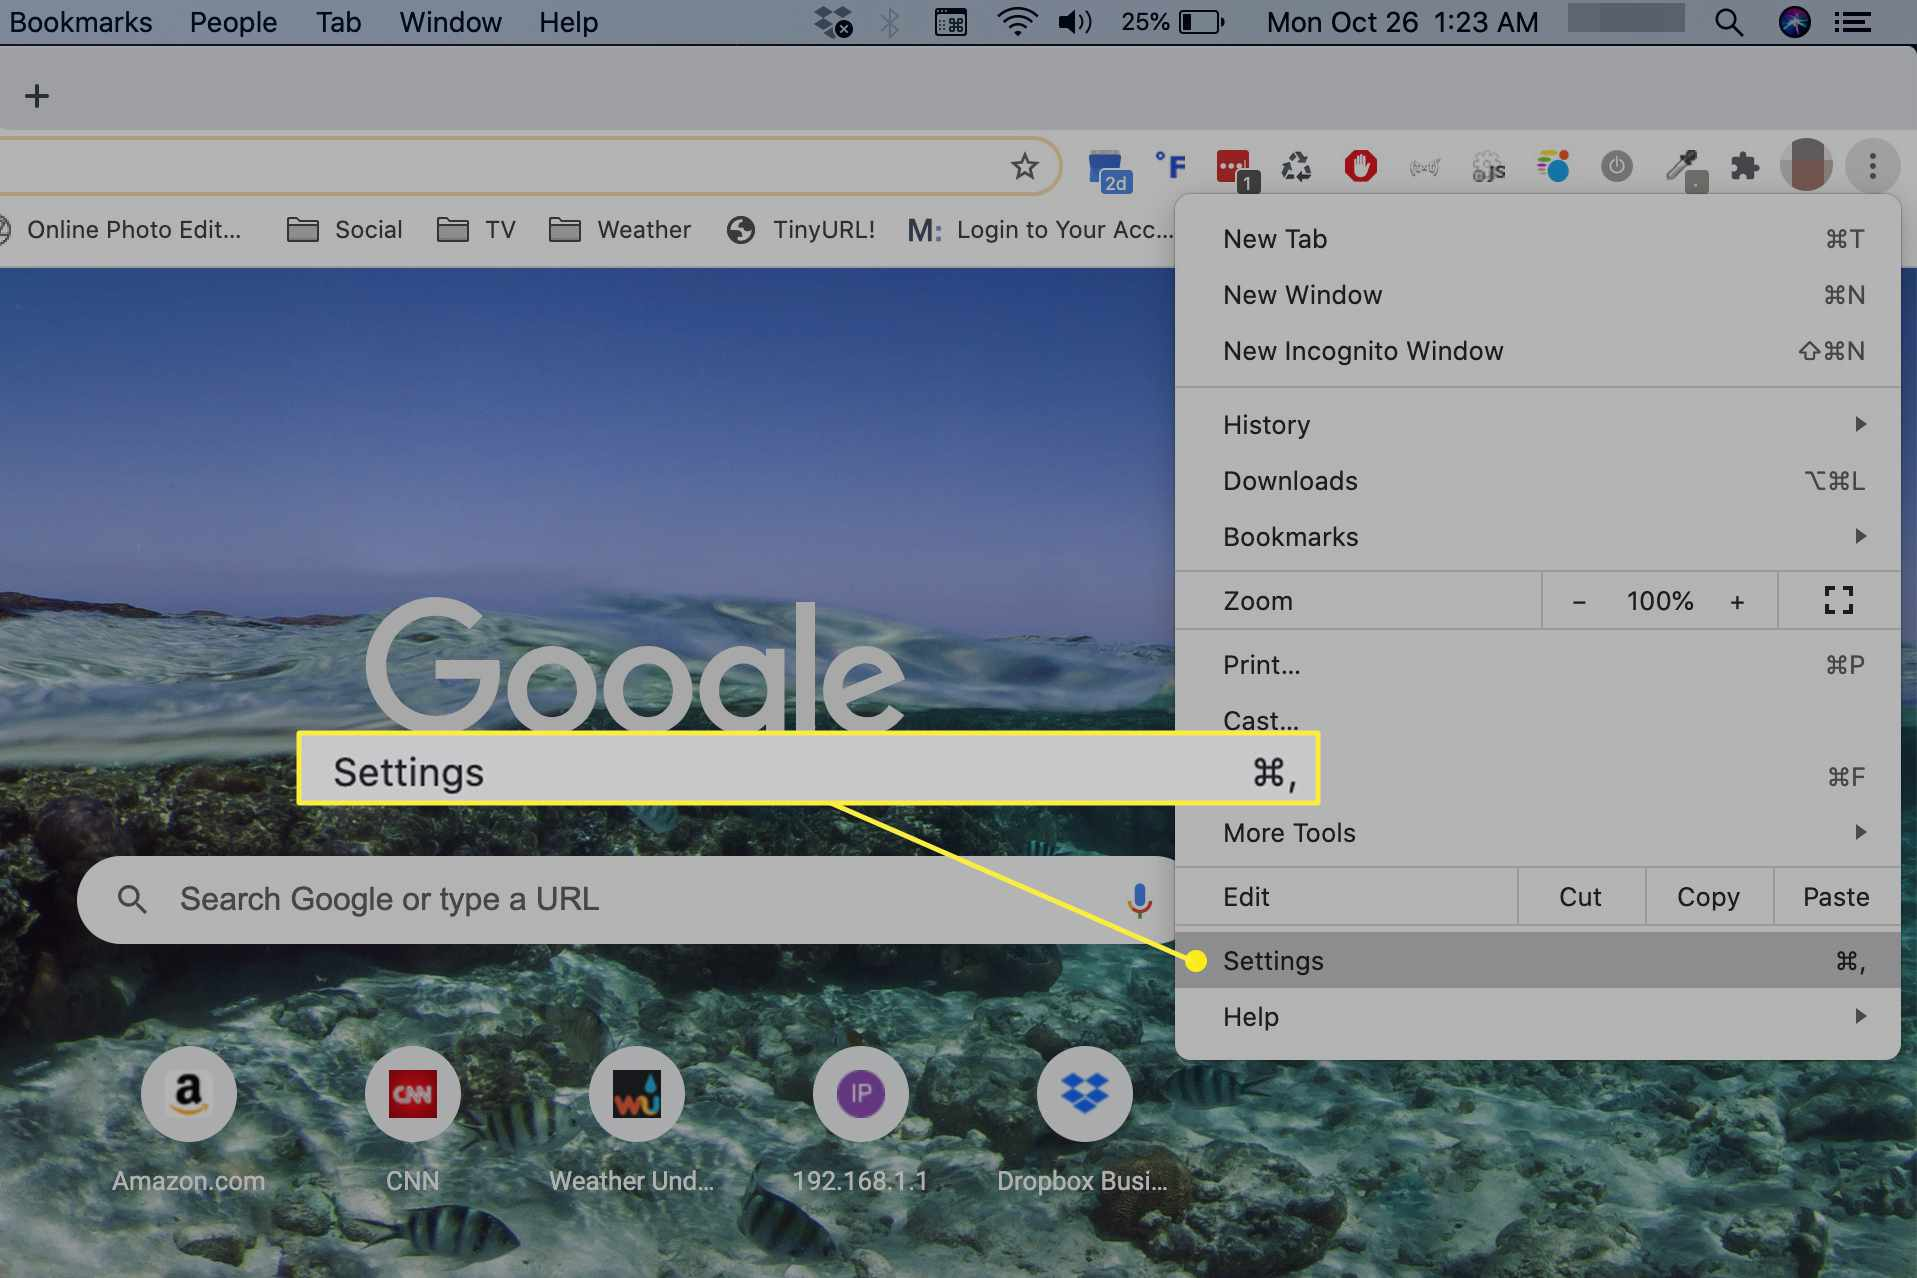 Settings in Chrome menu